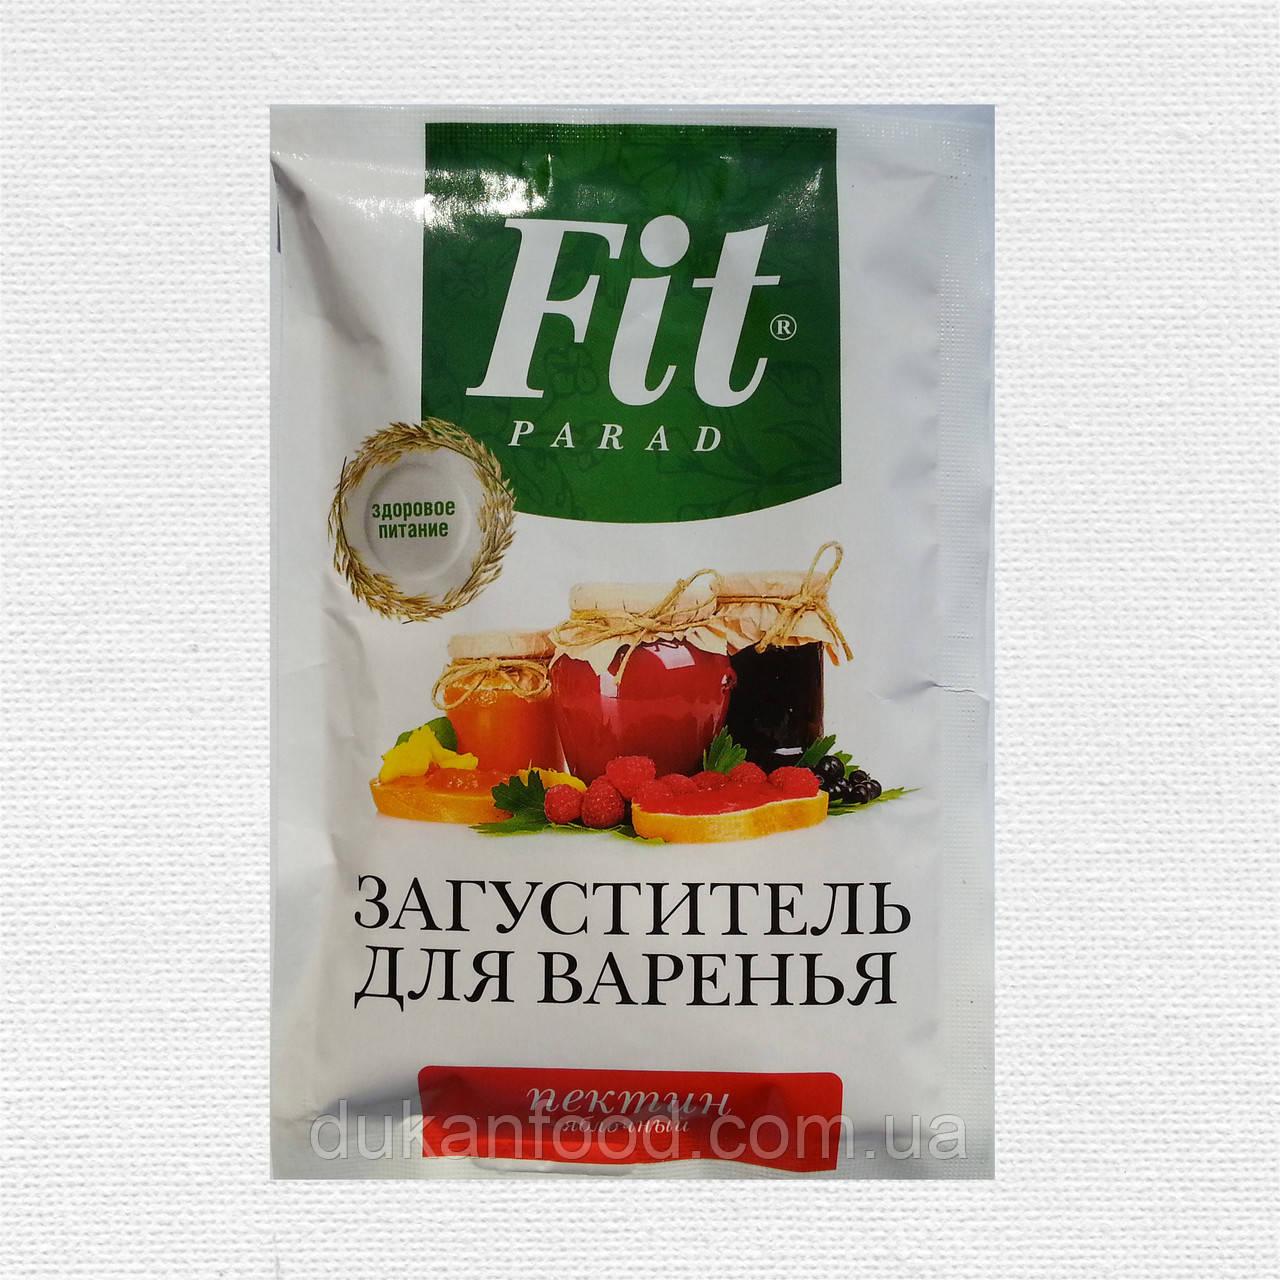 продукты для диеты дюкана купить москва